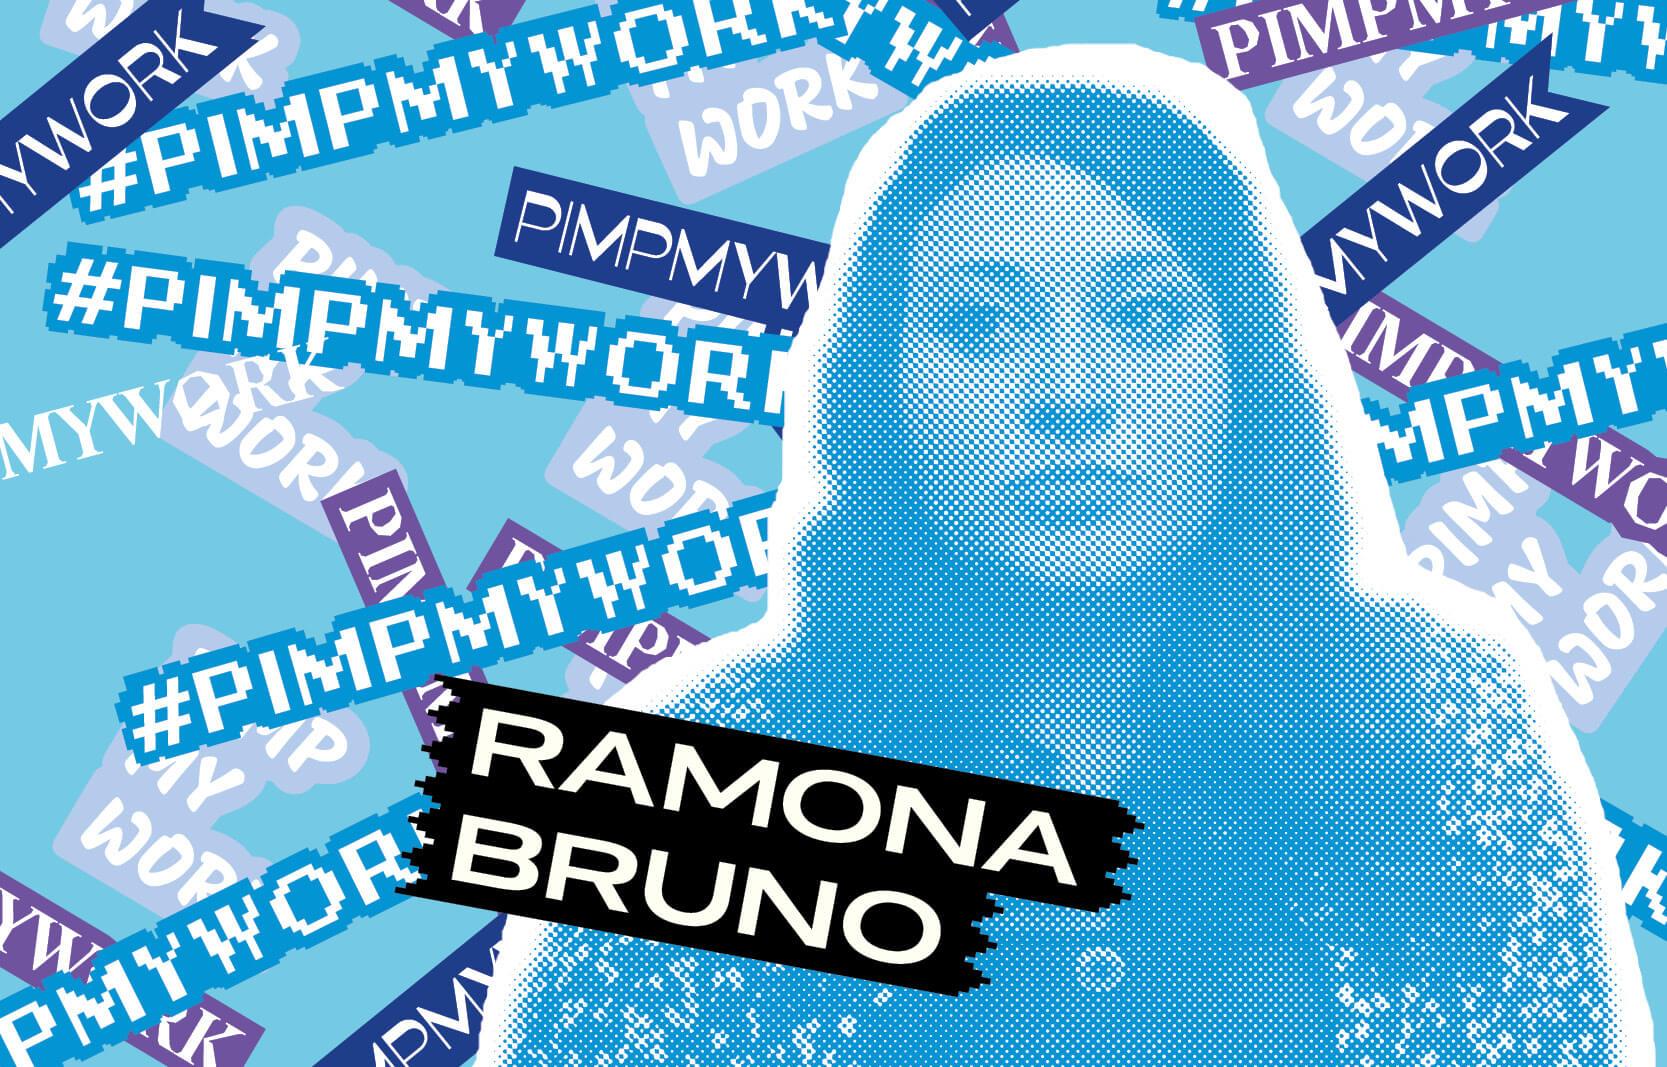 Ramona Bruno